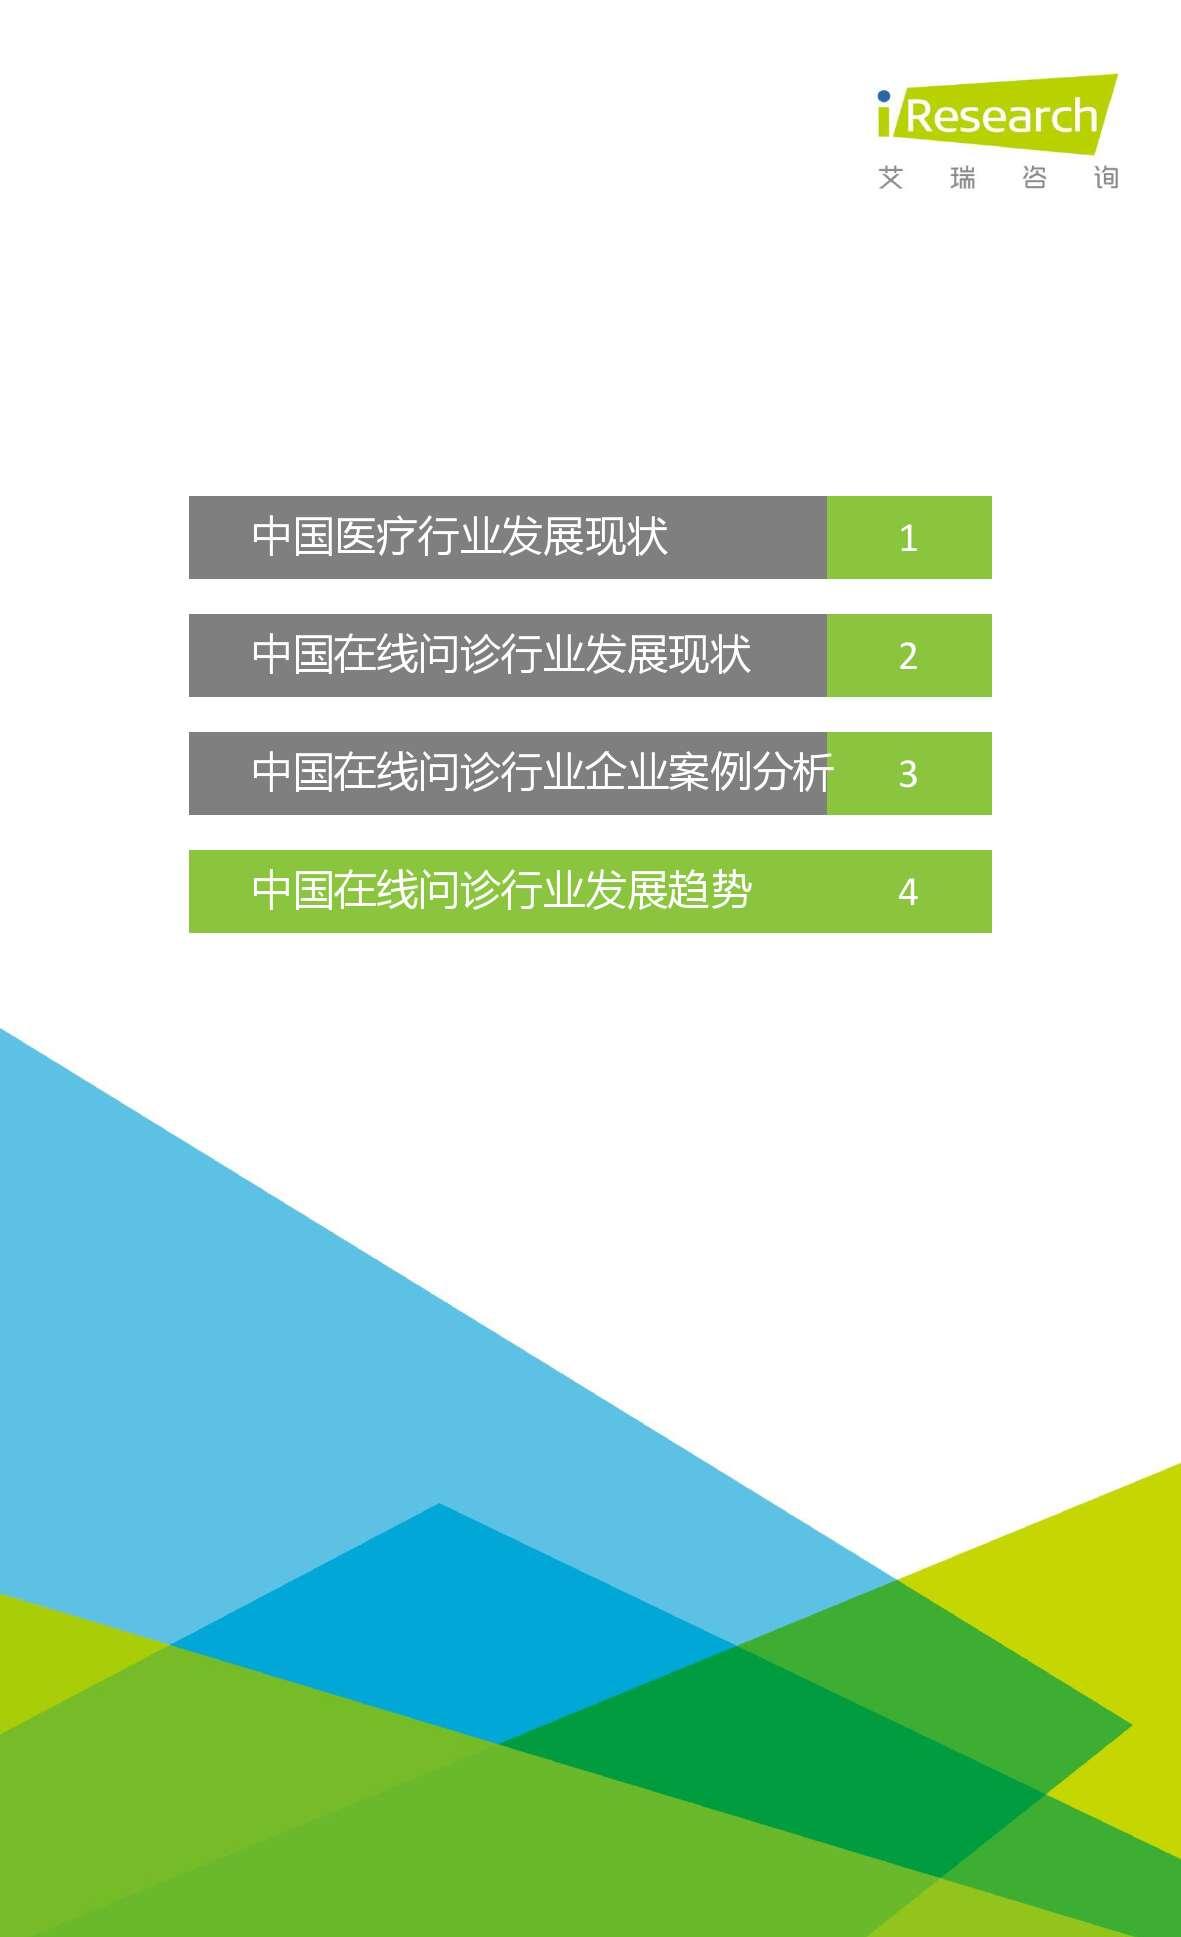 2015年中国在线问诊行业研究报告_000049